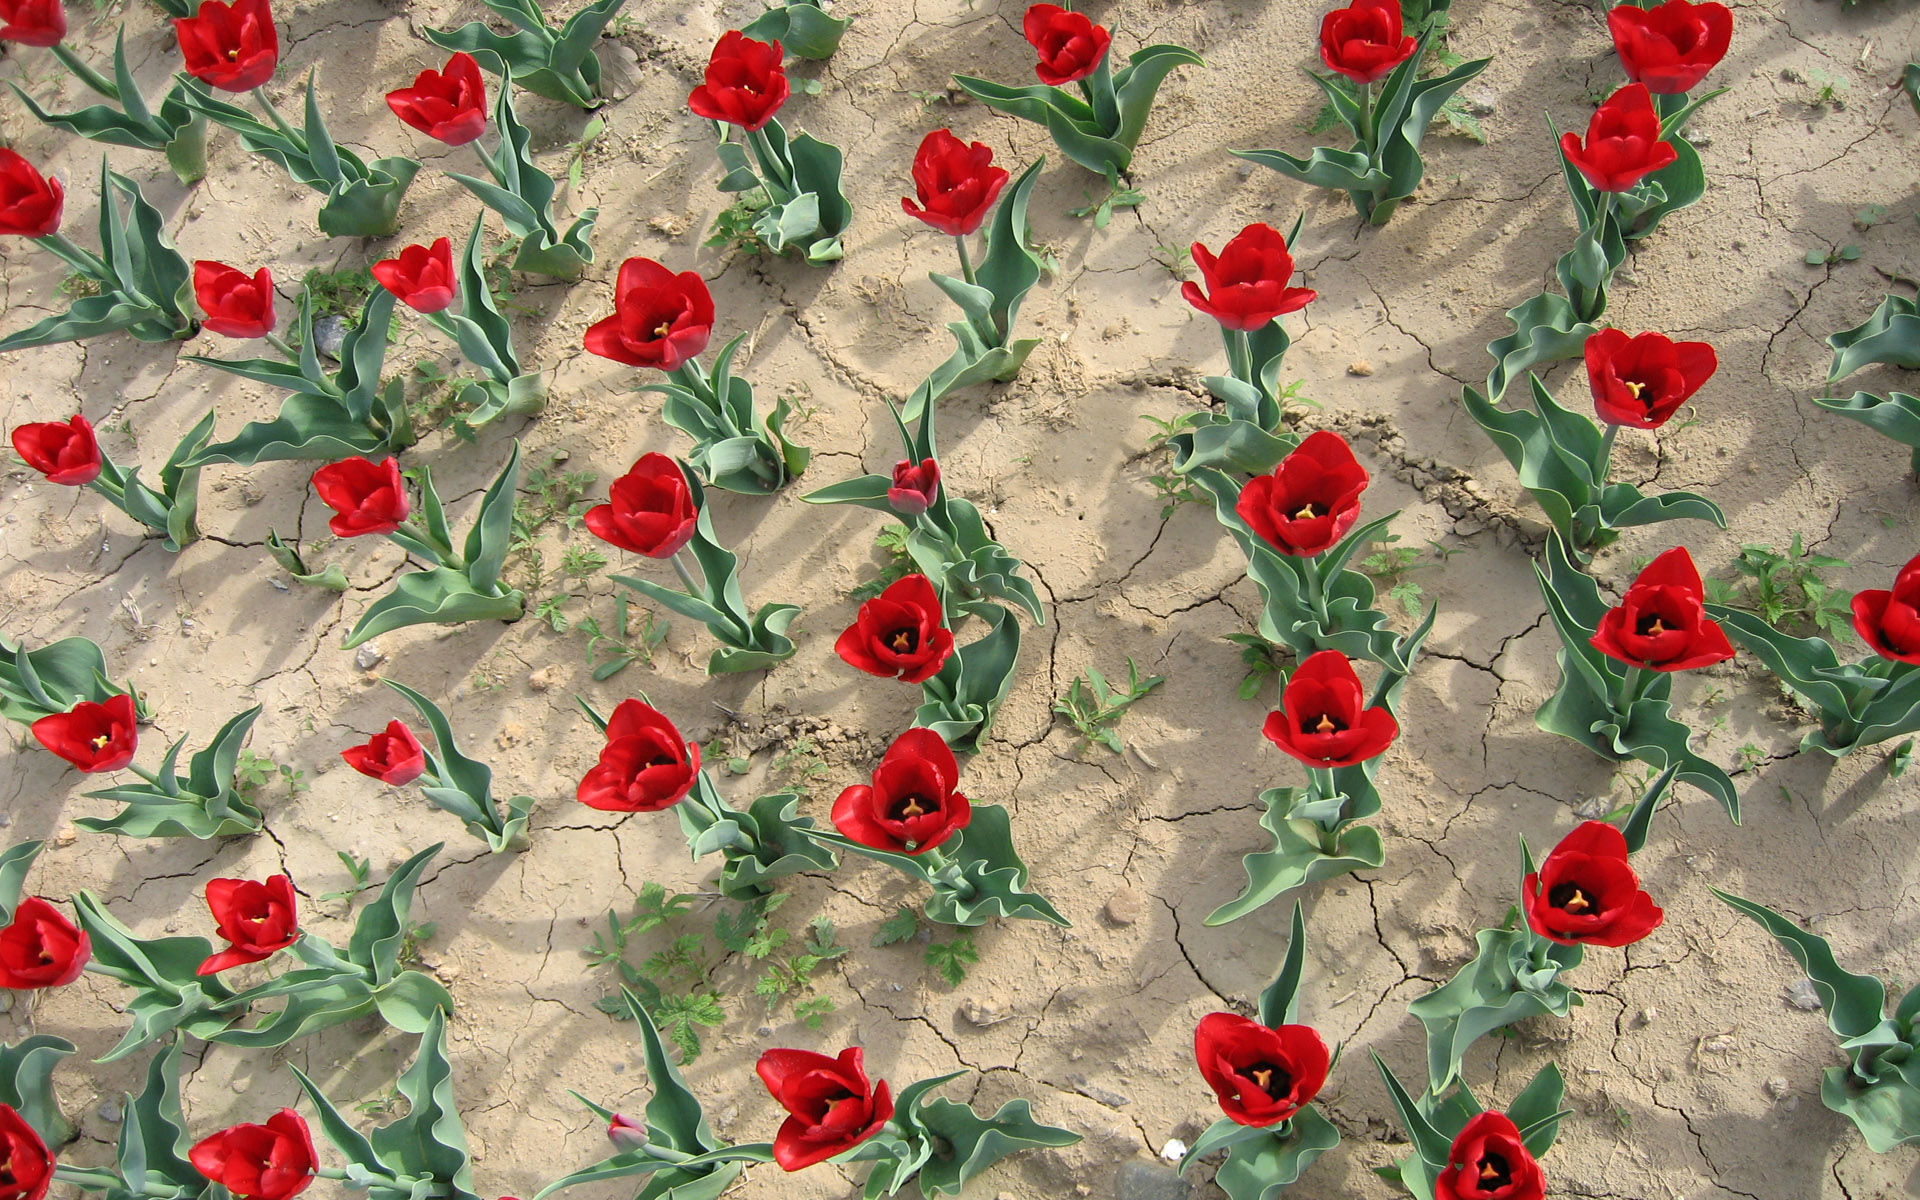 壁纸1920×12001920郁金香 1 7壁纸 郁金花香 1920郁金香 第一辑壁纸图片花卉壁纸花卉图片素材桌面壁纸